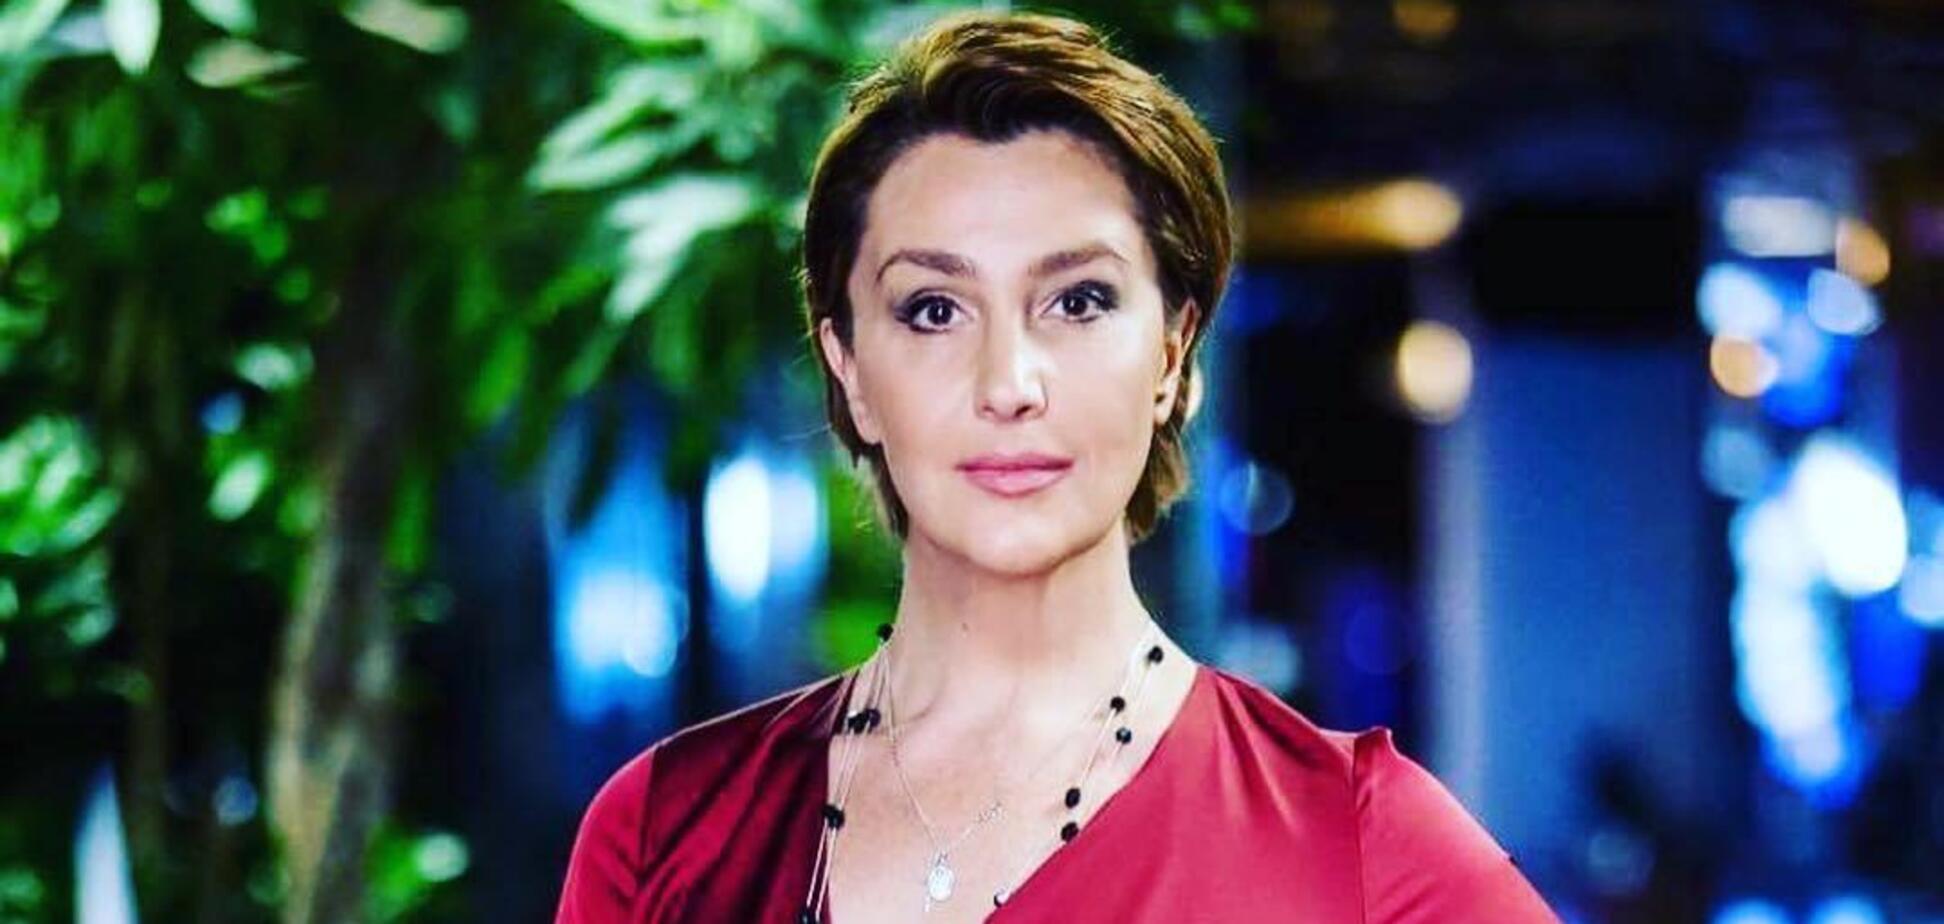 Єгорова розпалила дискусію через українську мову: без неї не зможеш працювати офіціантом